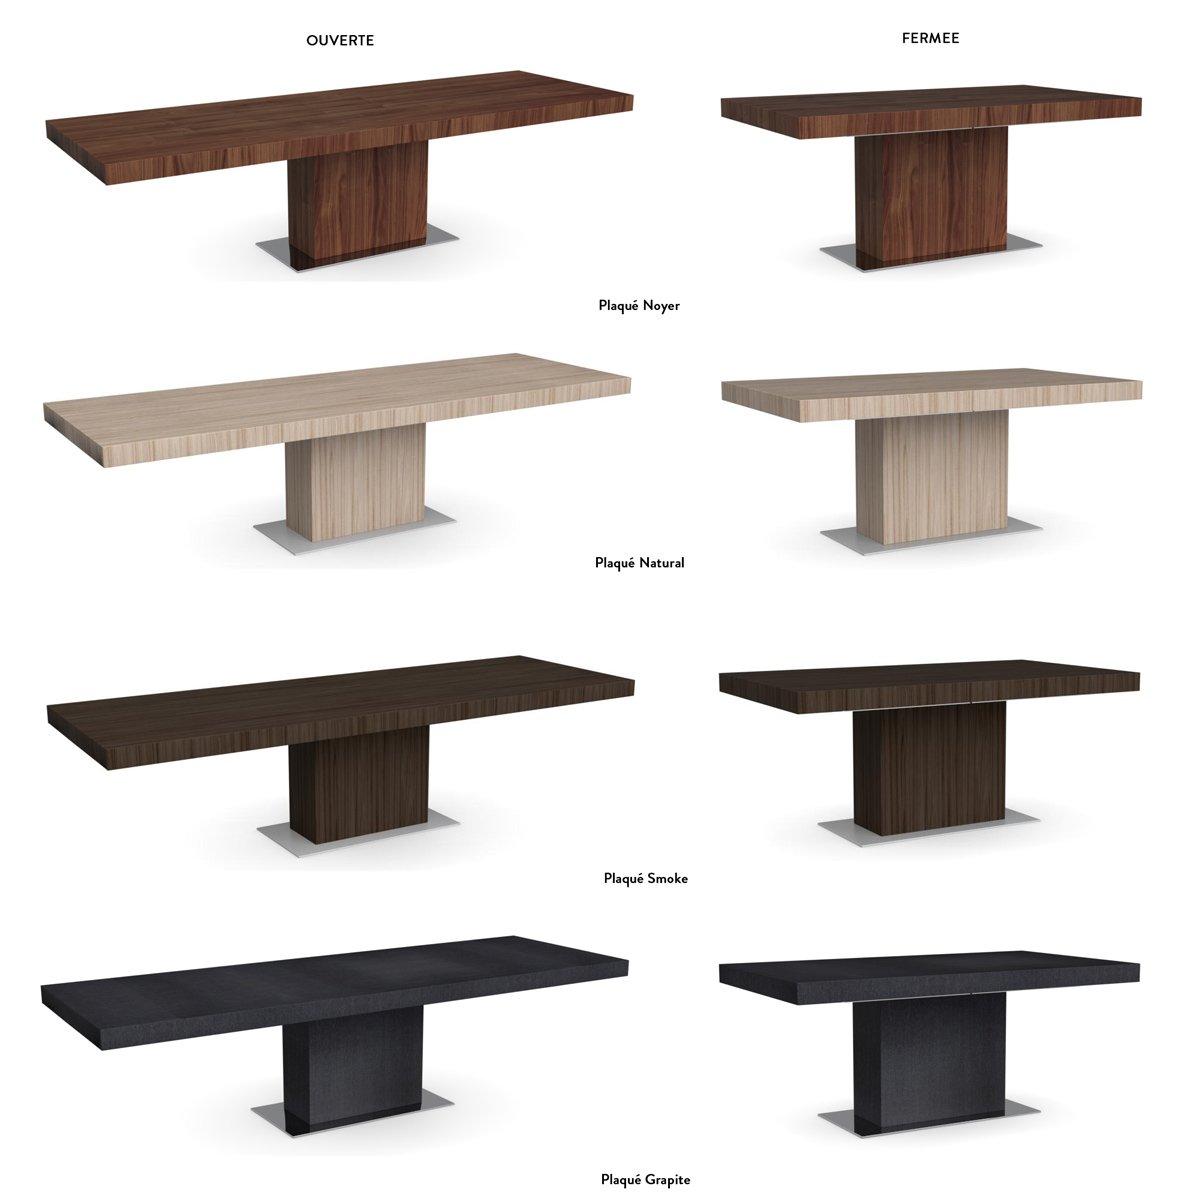 Meuble table extensible conceptions de maison for Meuble table extensible